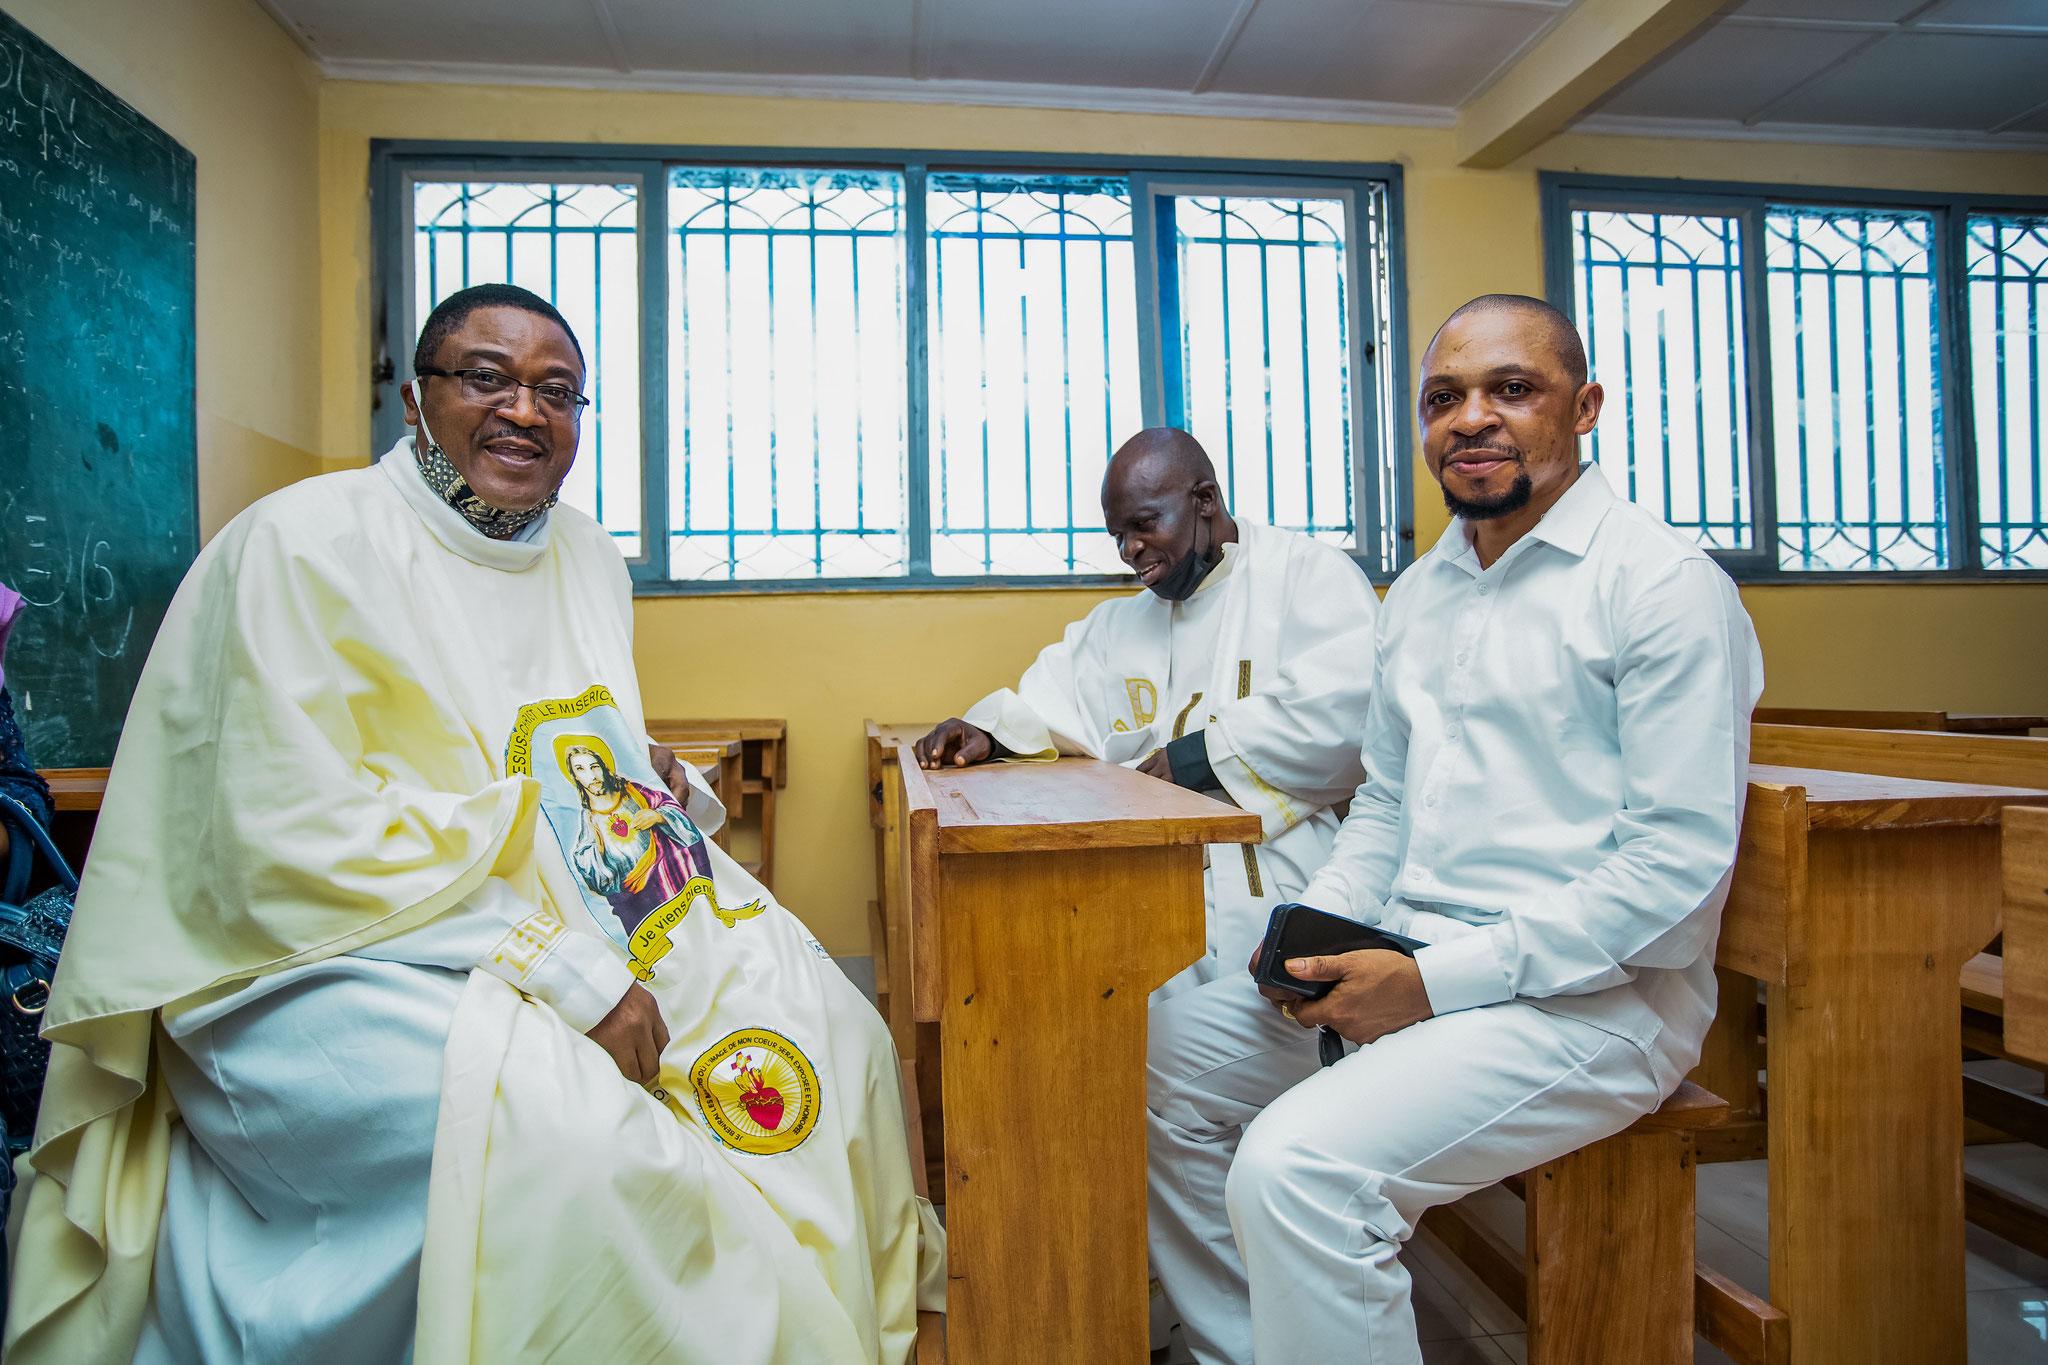 Pater David freut sich mit seinen Kollegen